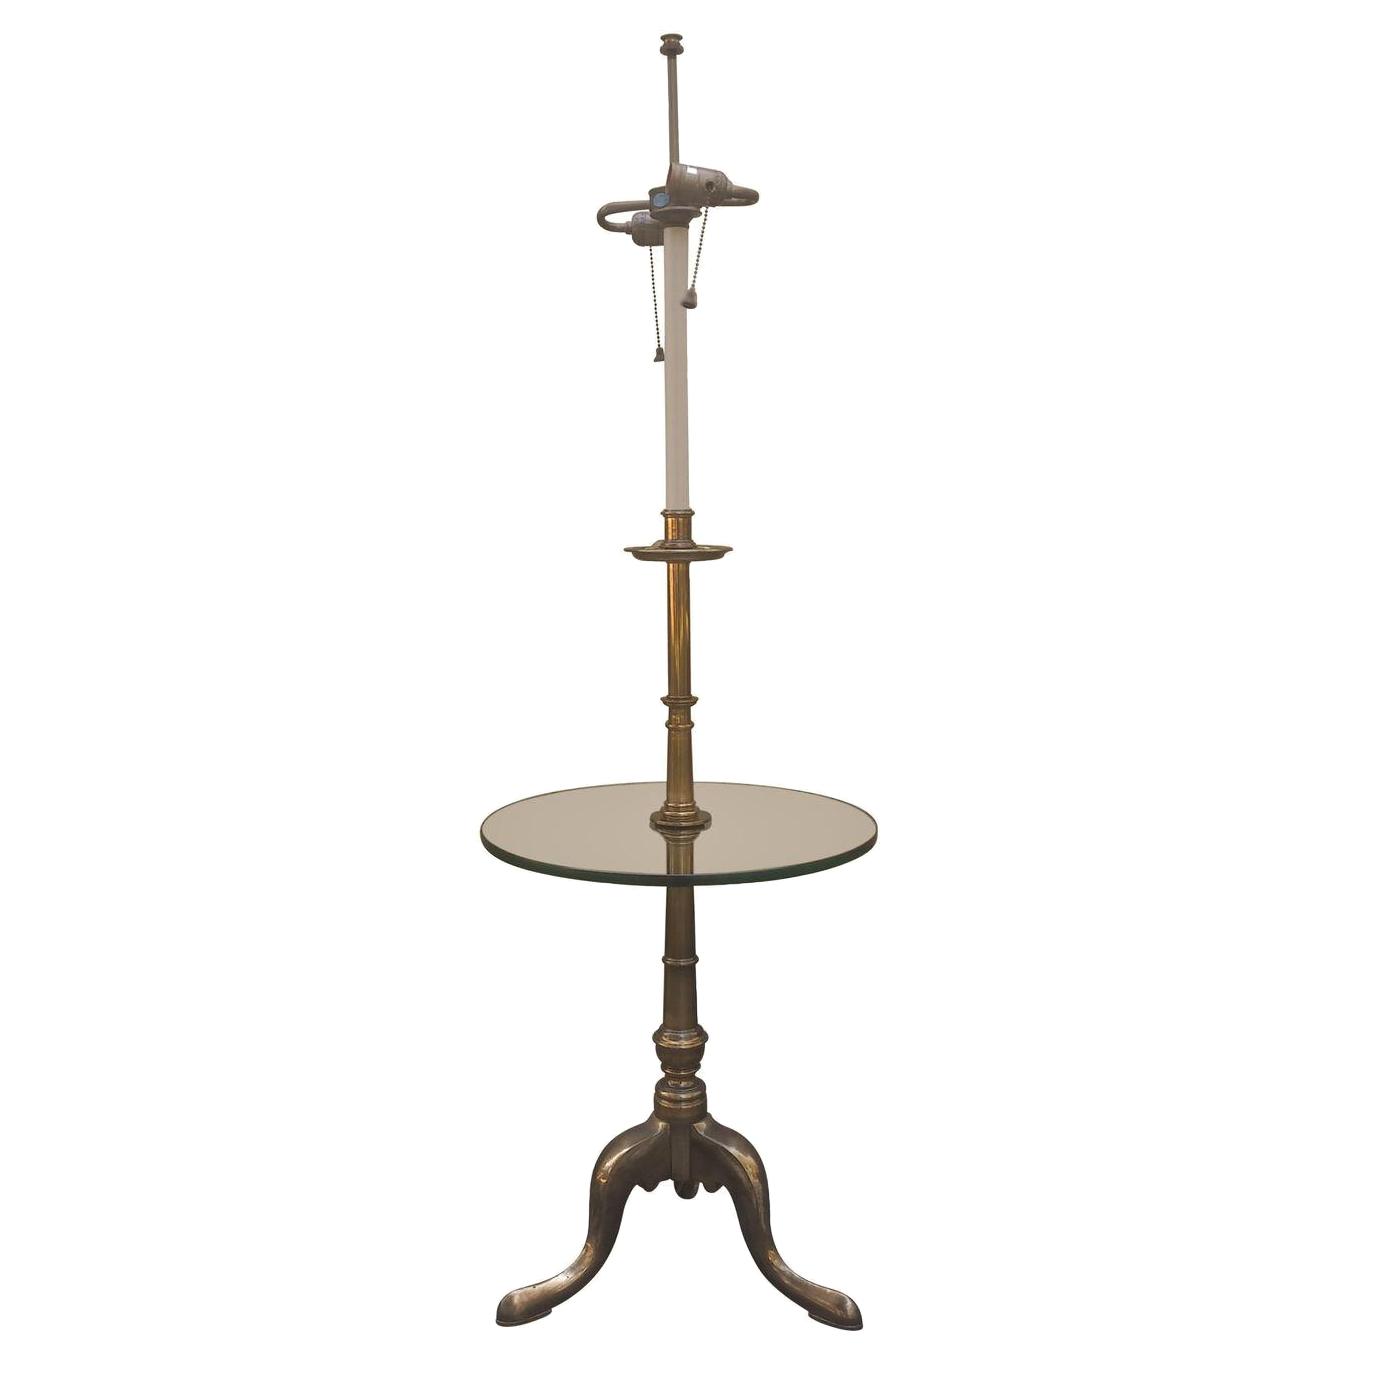 Stiffel brass floor lamp chairish for Wilfred floor lamp brass